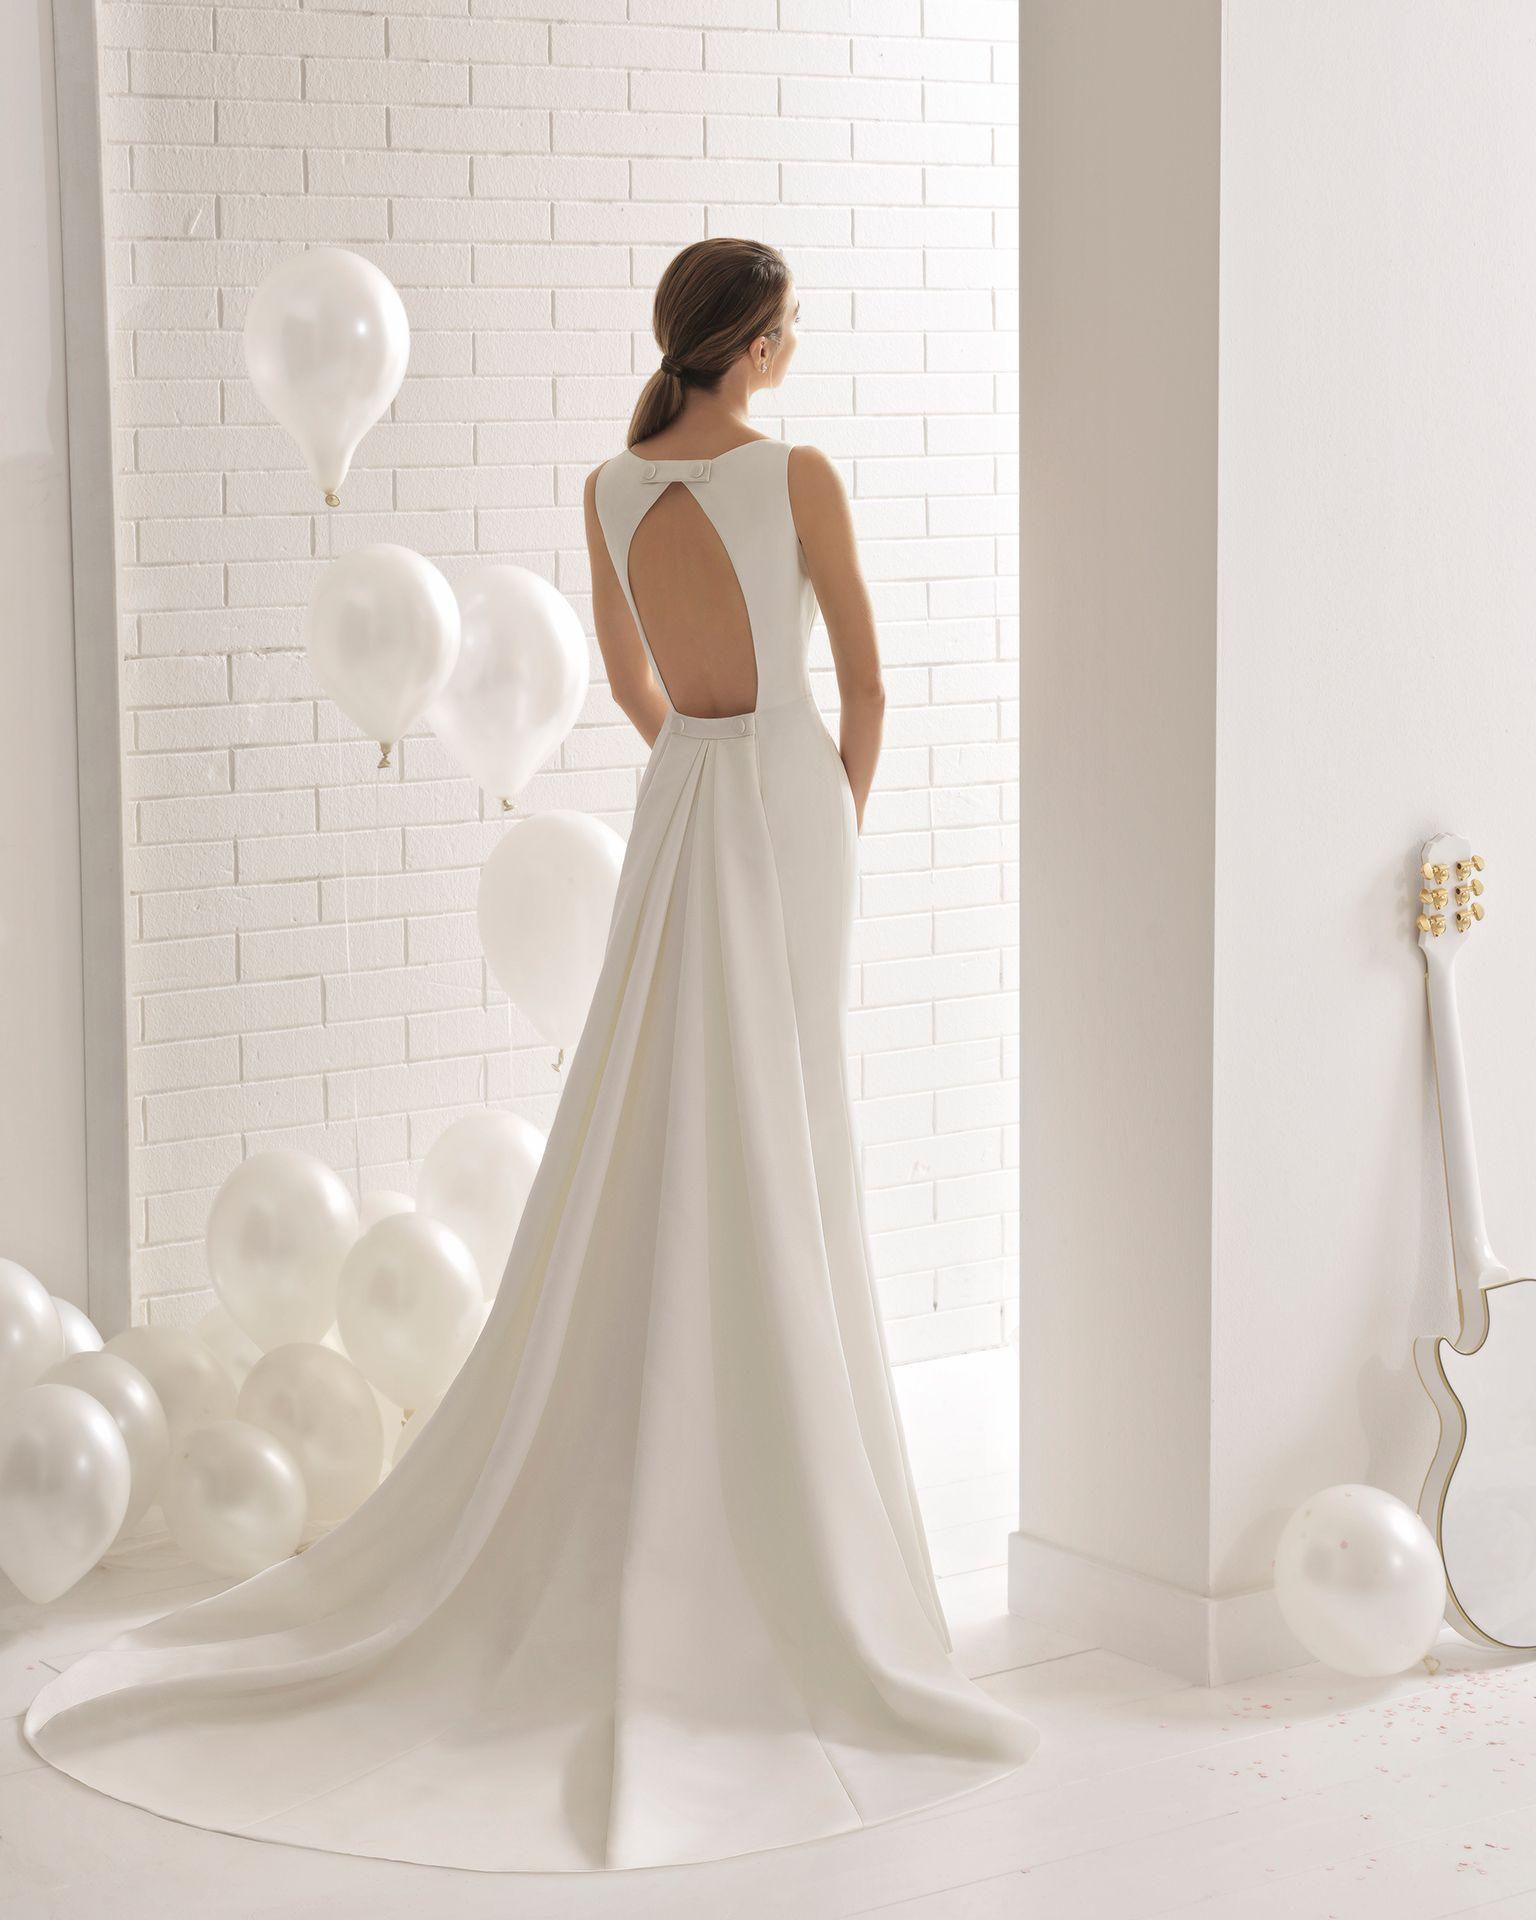 8bed575e62 Vestido de novia corte recto en otoman con escote cuadrado con abertura  redonda en la espalda con cola.